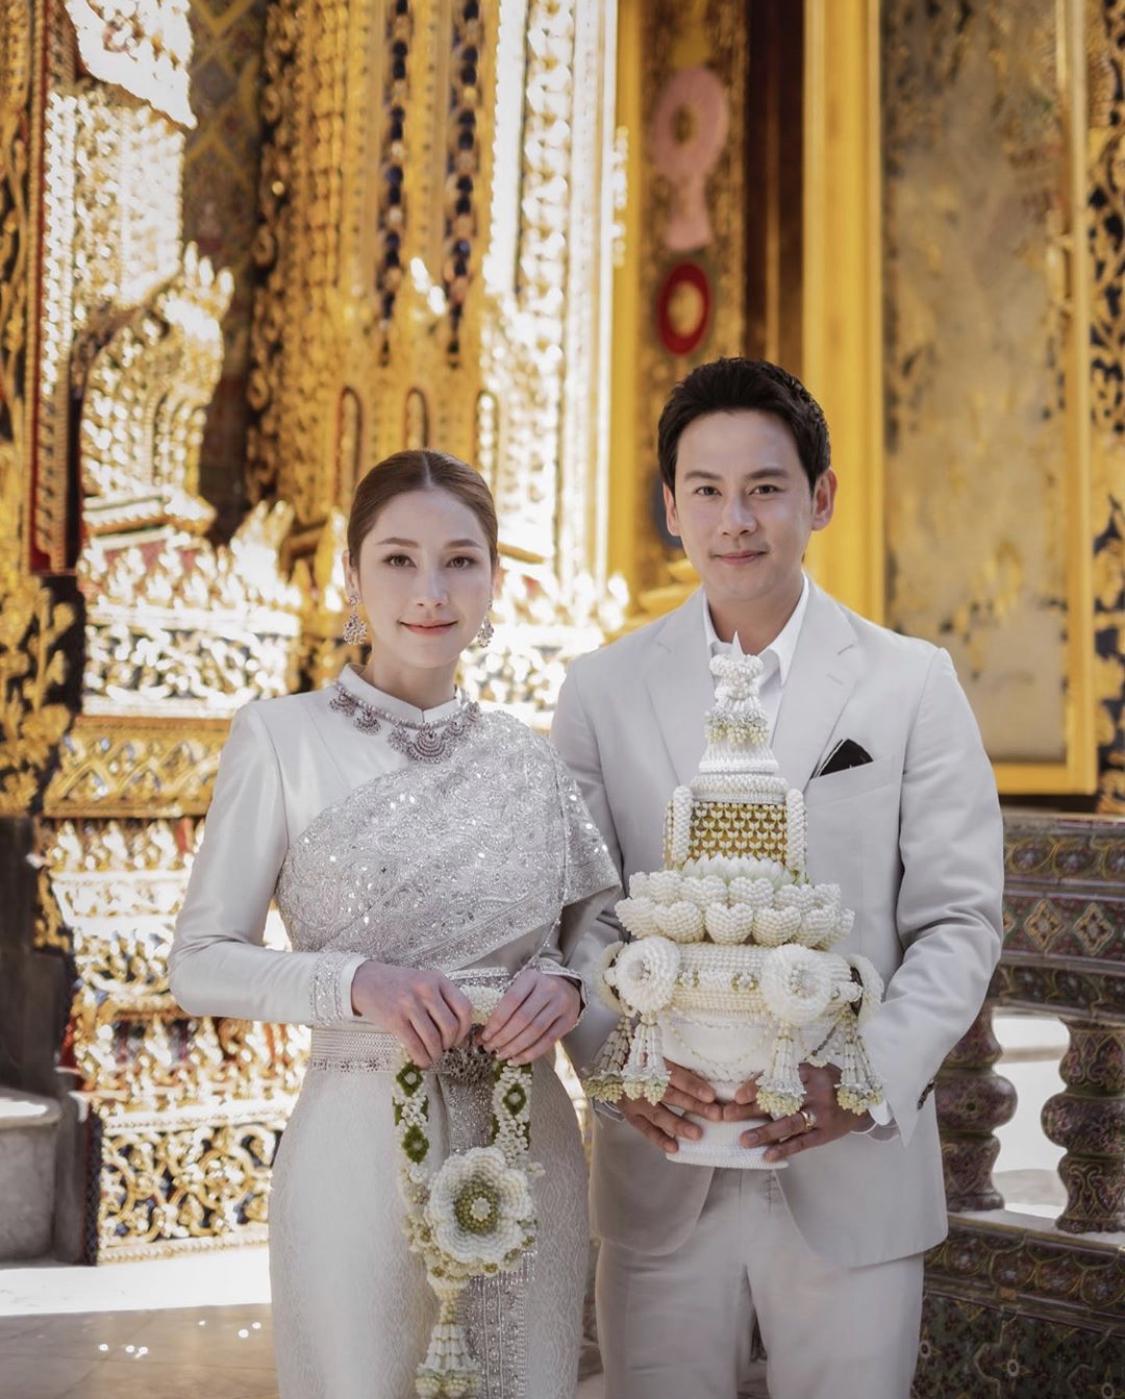 เพื่อความเป็นสิริมงคล 'ฟลุค-นาตาลี' เข้าเฝ้าฯ สมเด็จพระสังฆราชก่อนแต่งงาน